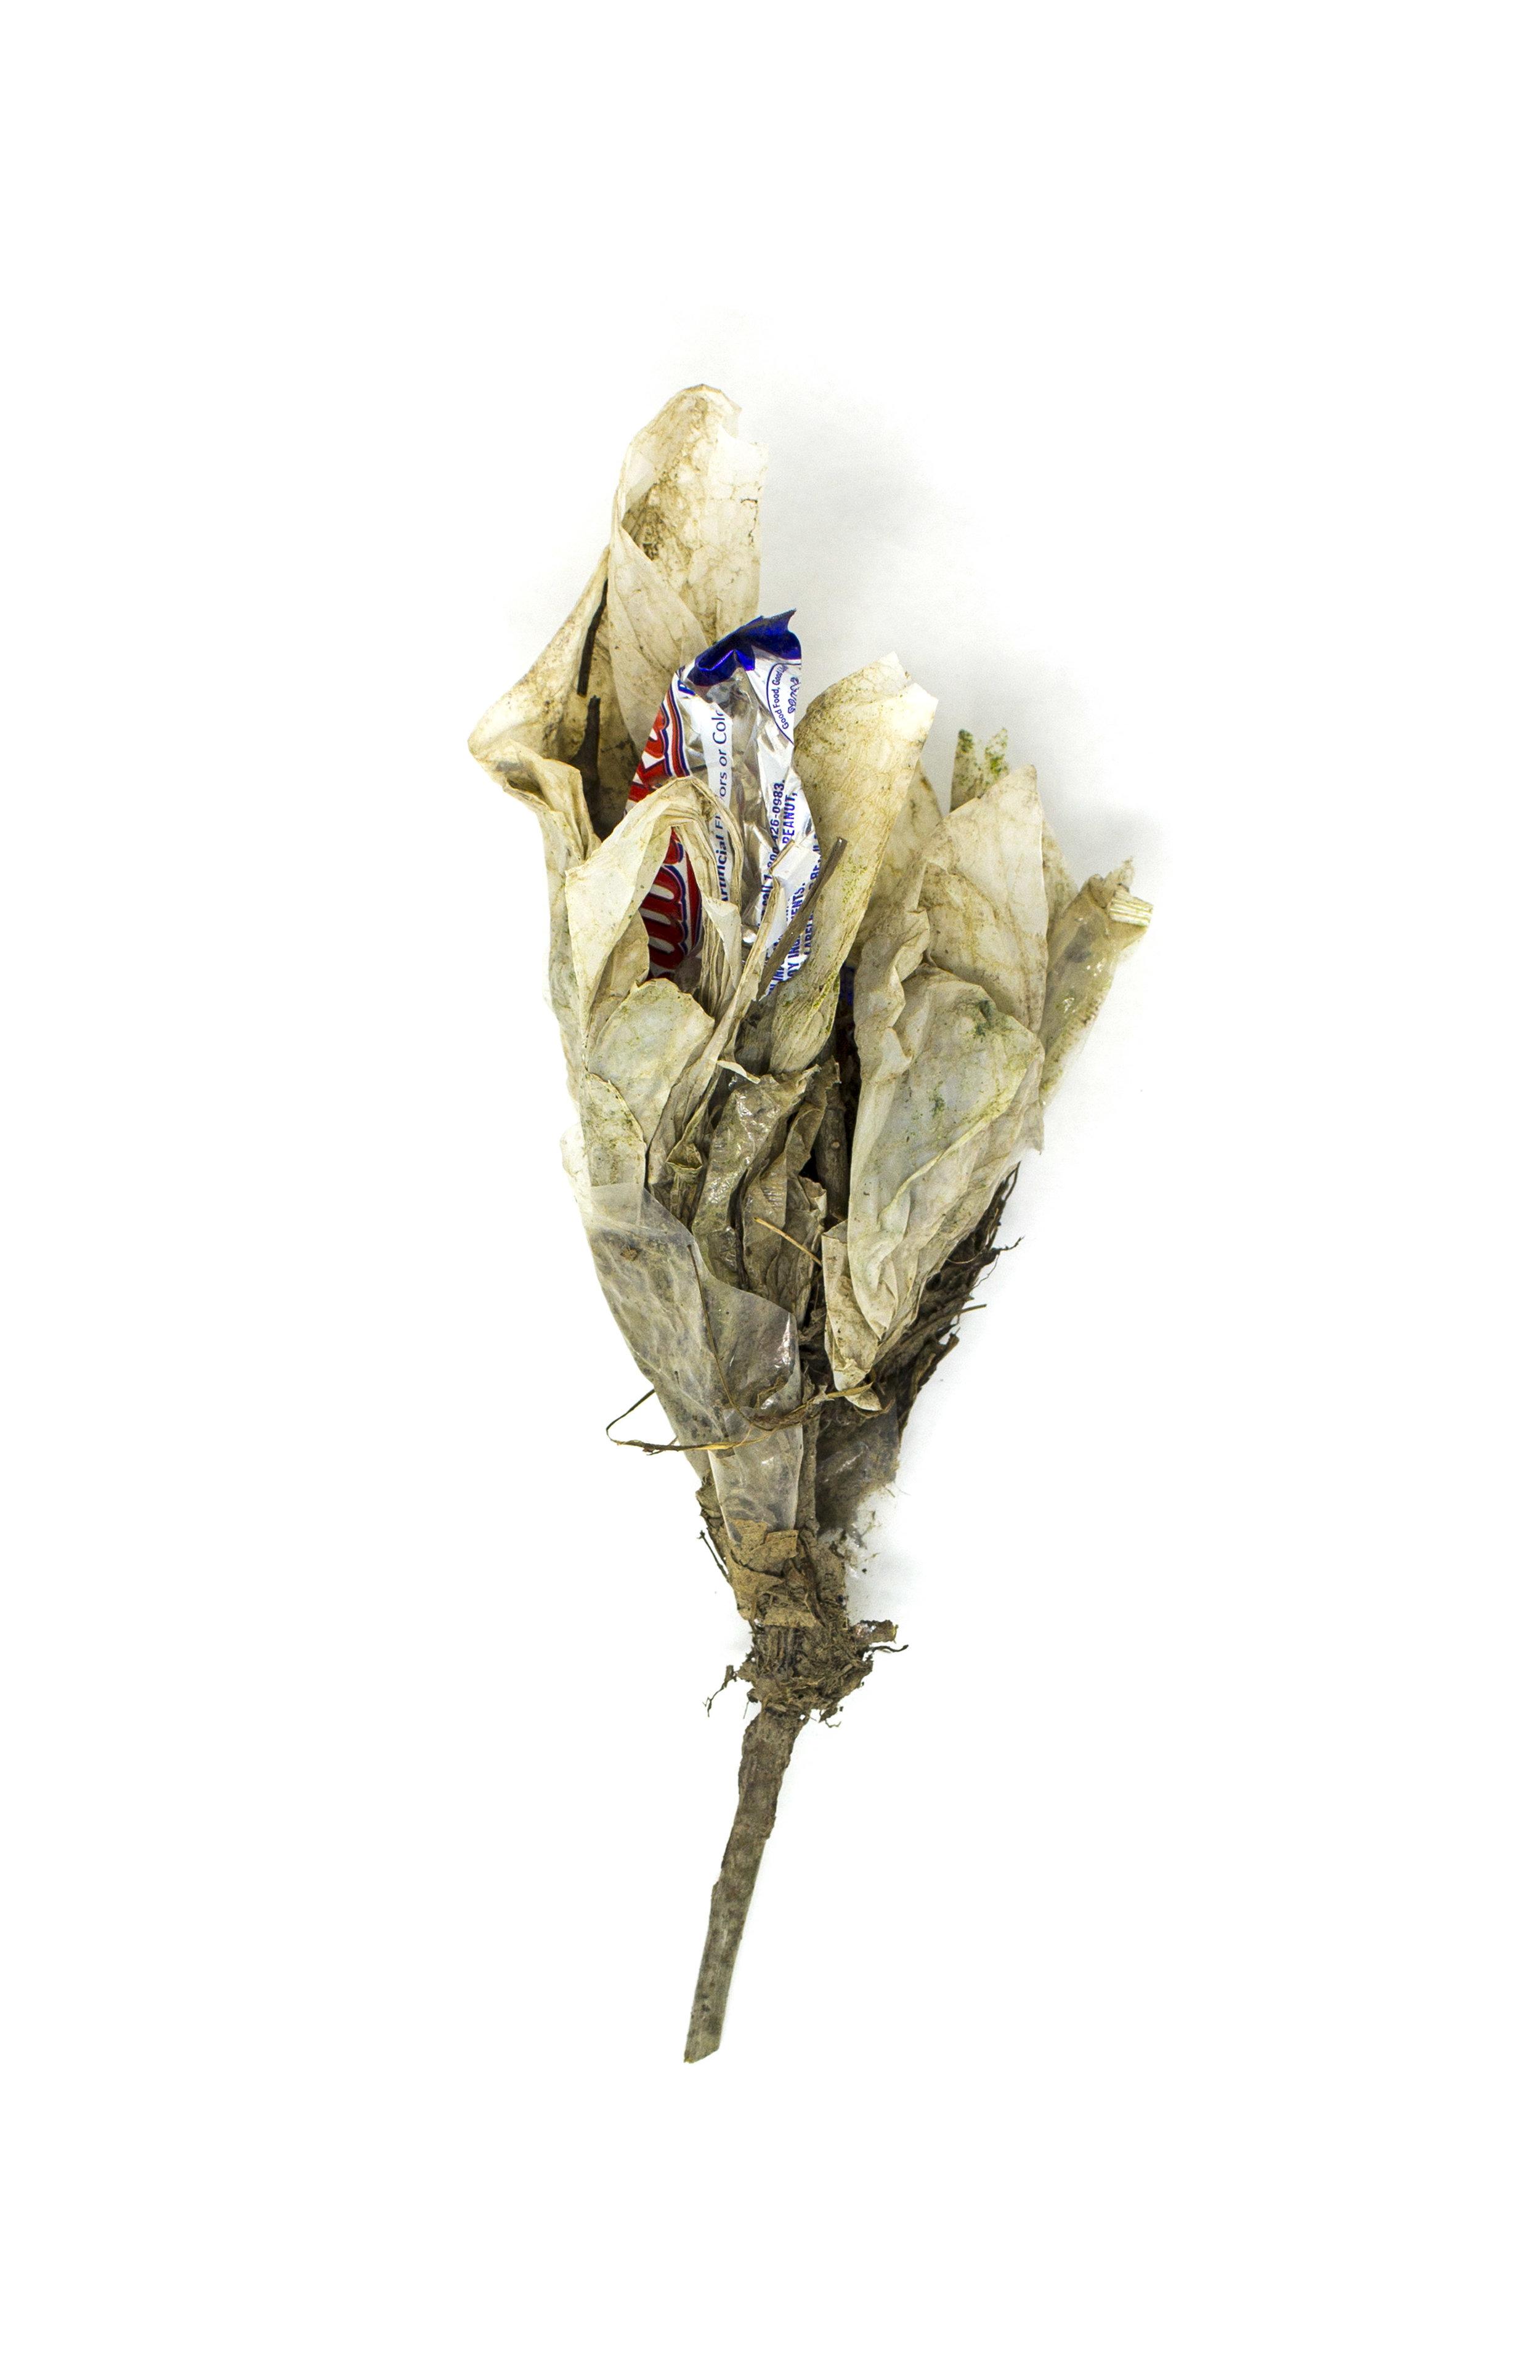 Debris_Flower_49.jpg